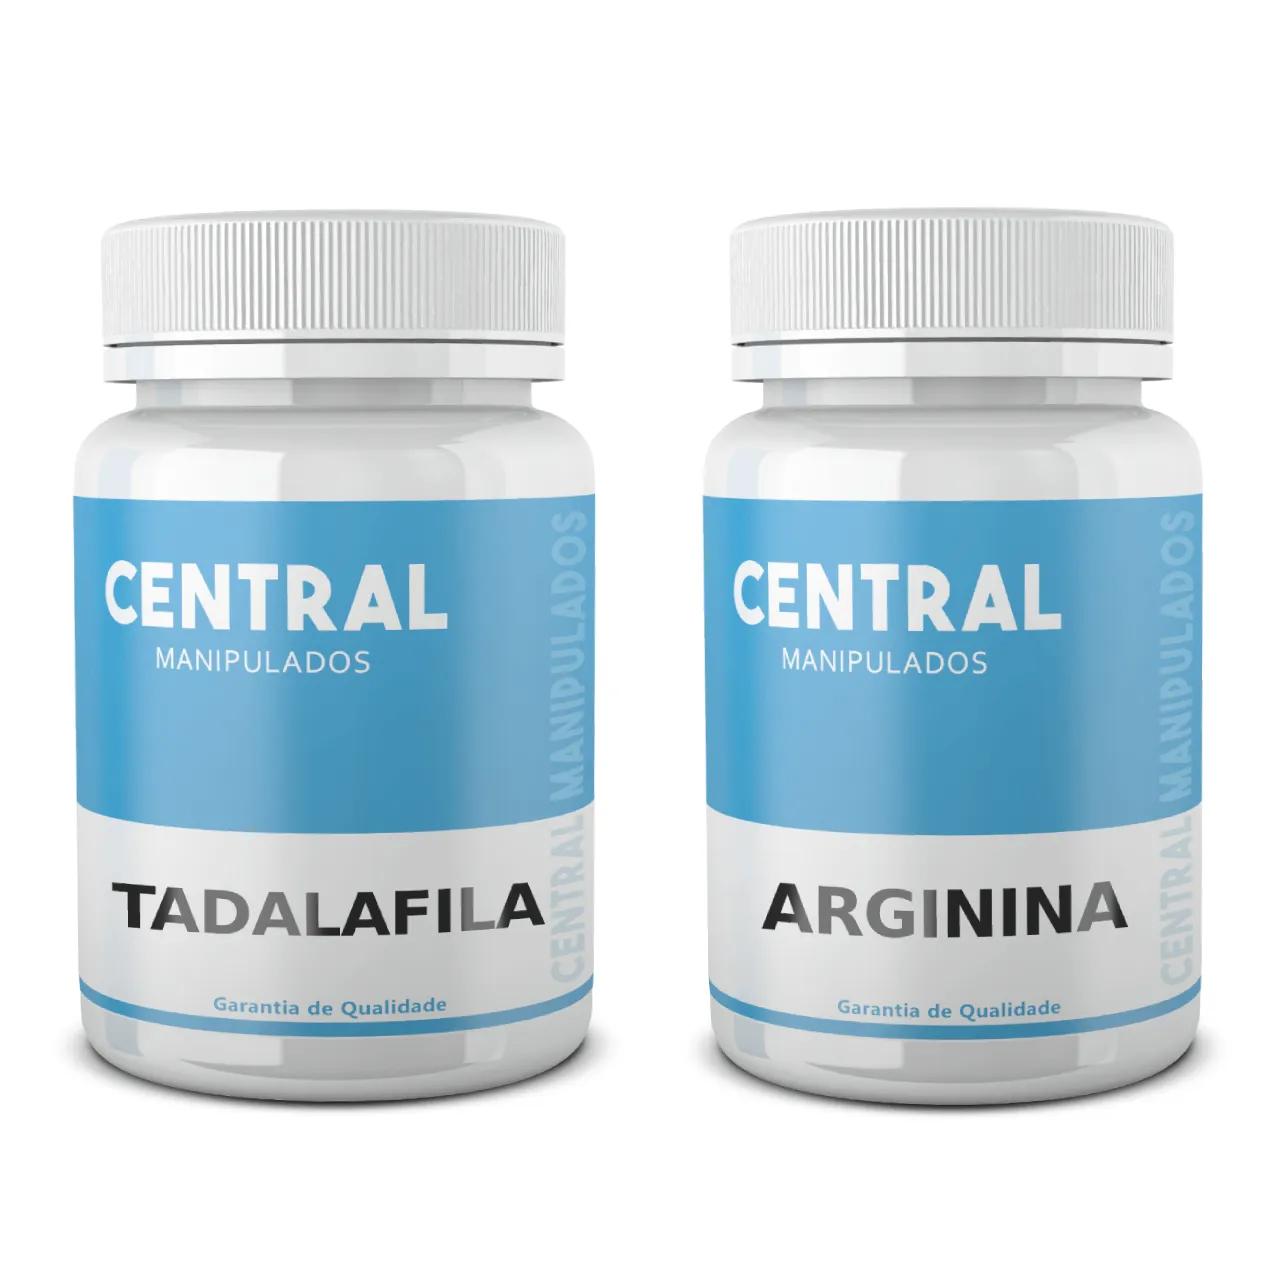 Tadalafila 10mg 90 Cápsulas + Arginina 500mg 90 Cápsulas - Vasodilatação e Ereção